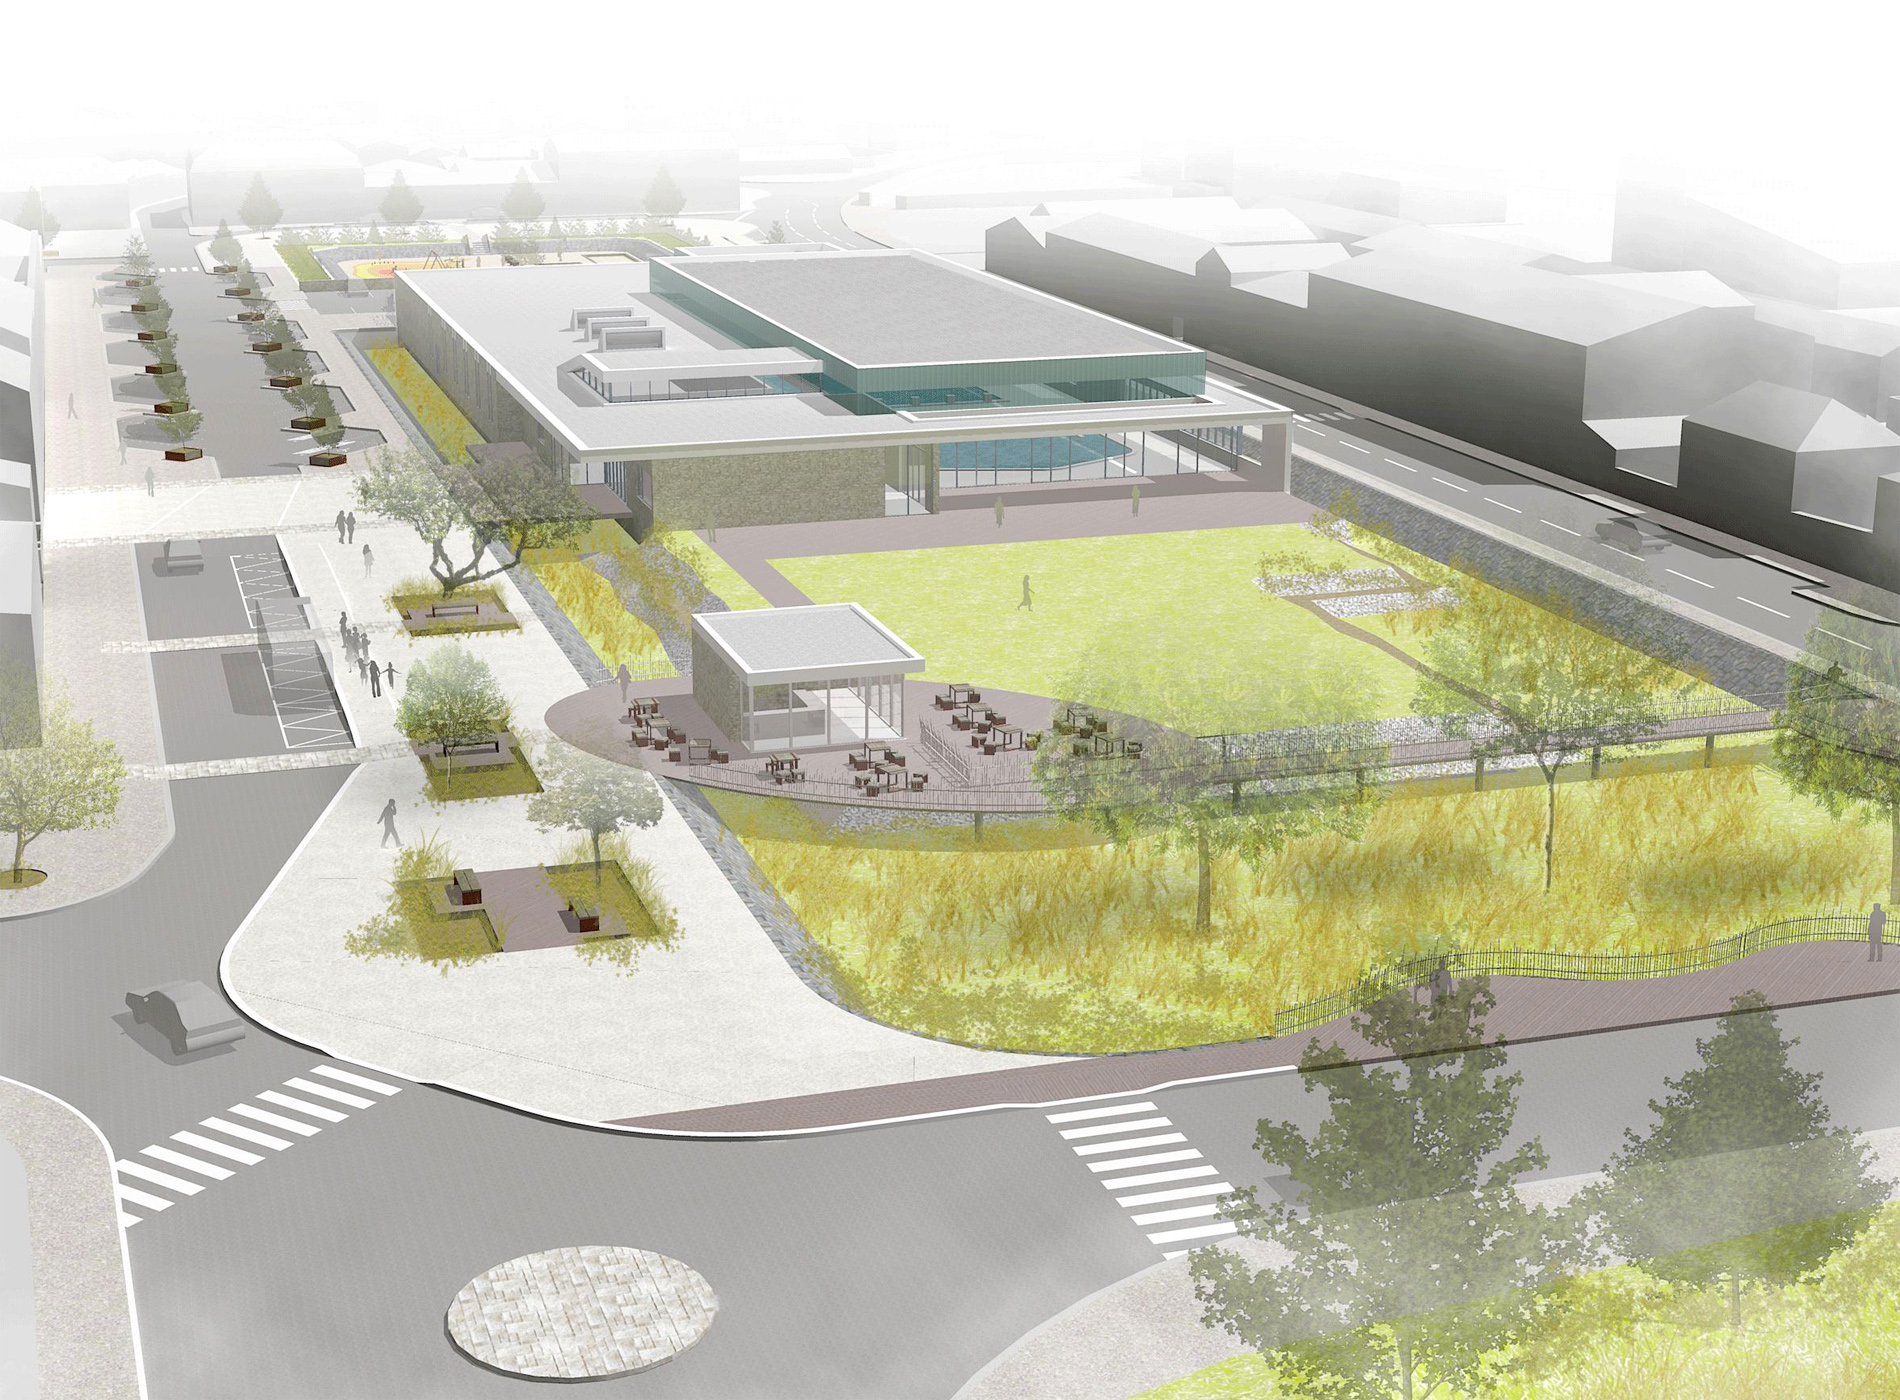 Programmation urbaine - Aménagement des espaces publics - Place du Port à Luçon - Axonométrie - Cap Urbain, agence de programmation urbaine et architecturale à Nantes